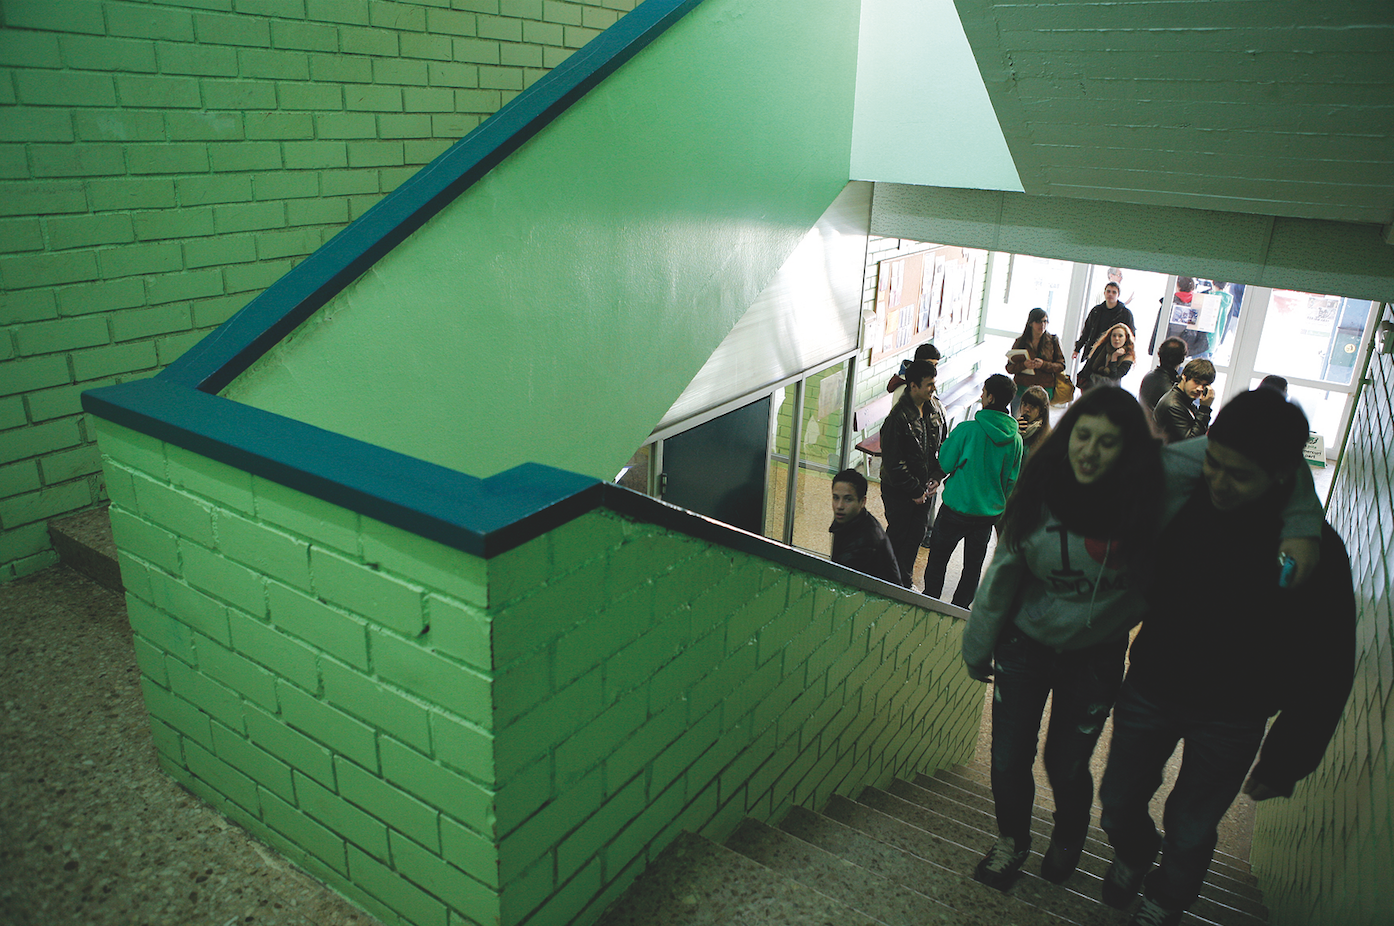 Uns alumnes a l'interior de l'Institut Leonardo da Vinci FOTP: Arxiu